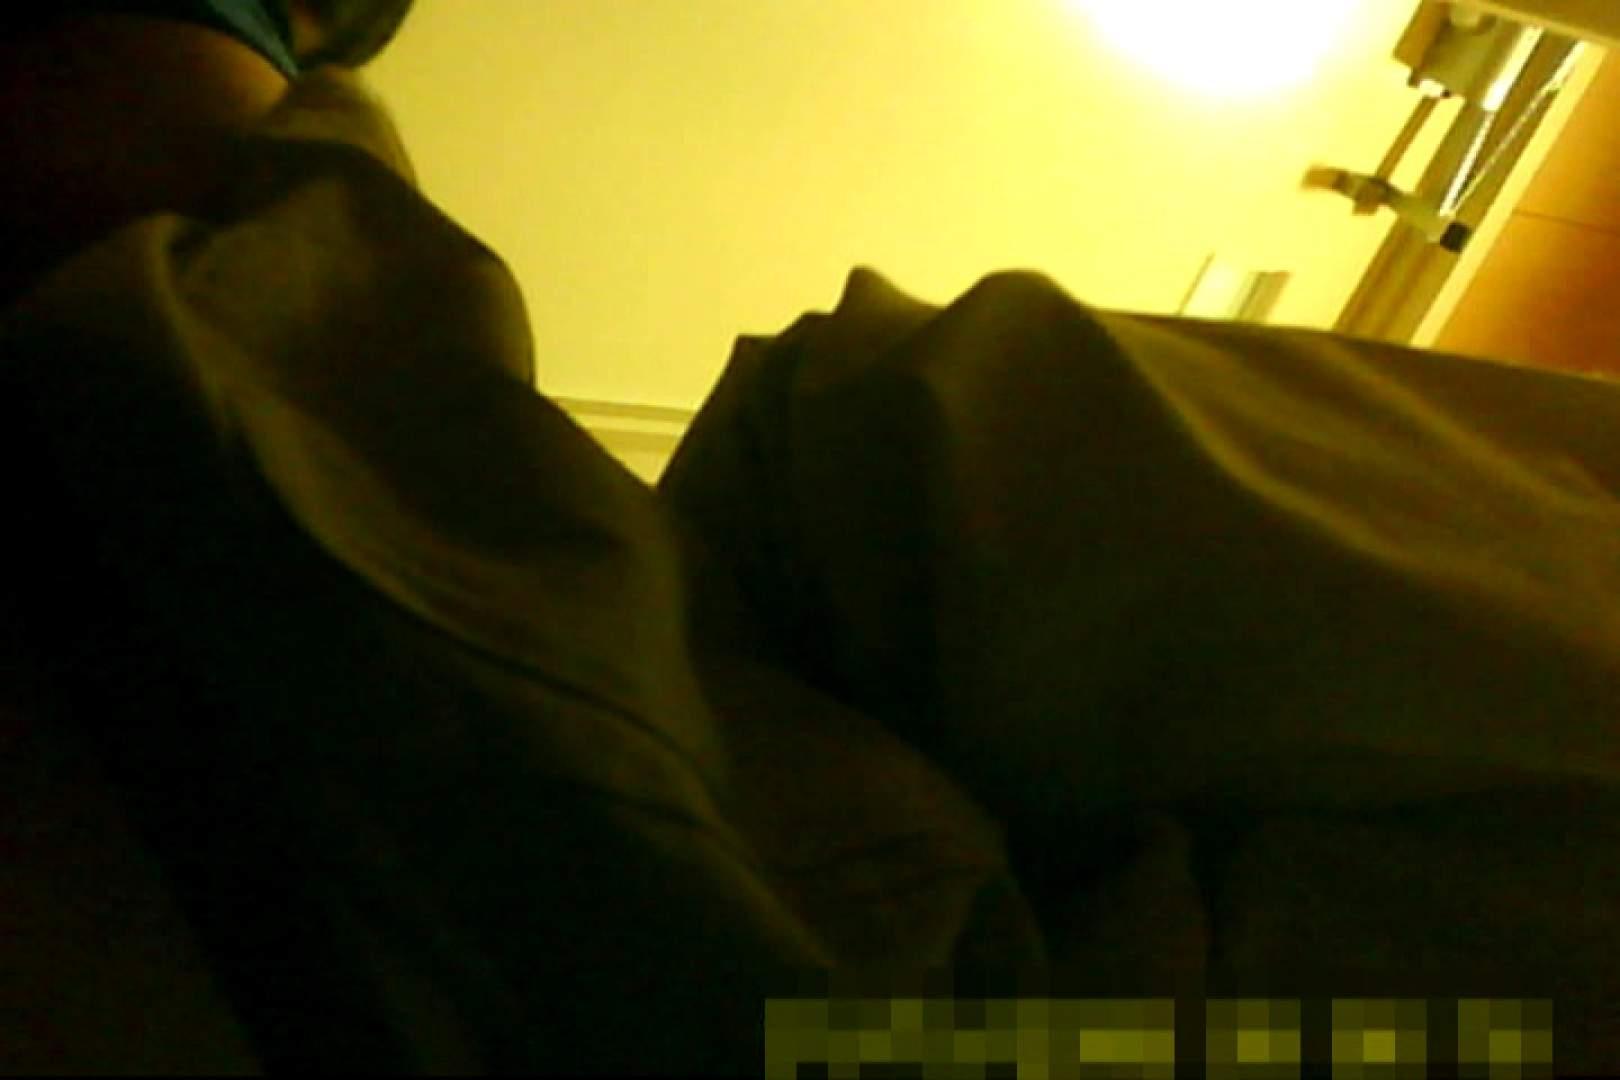 魅惑の化粧室~禁断のプライベート空間~20 ナプキン 盗撮画像 110枚